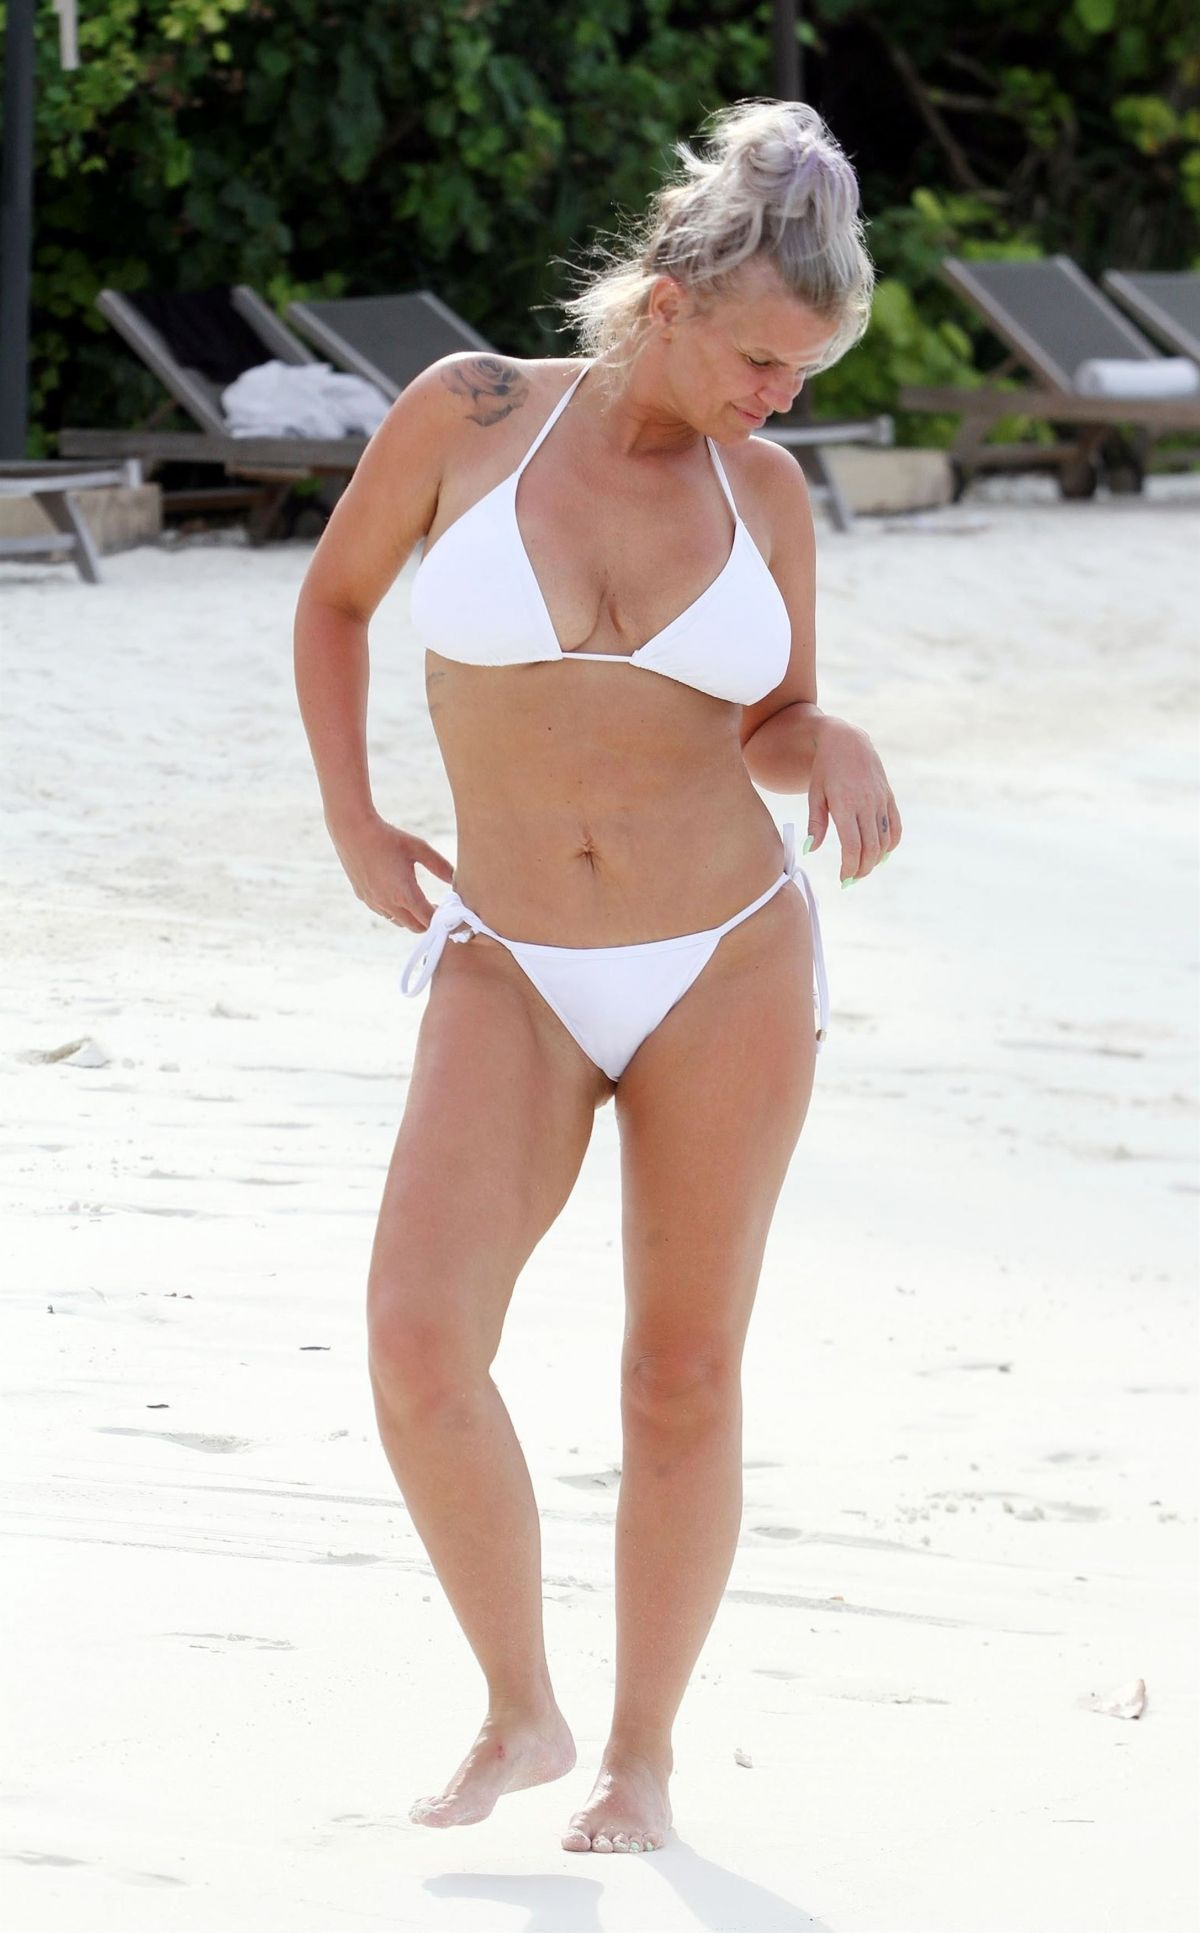 KERRY KATONA in Bikini on the Beach in Maldives 03/17/2020 – HawtCelebs